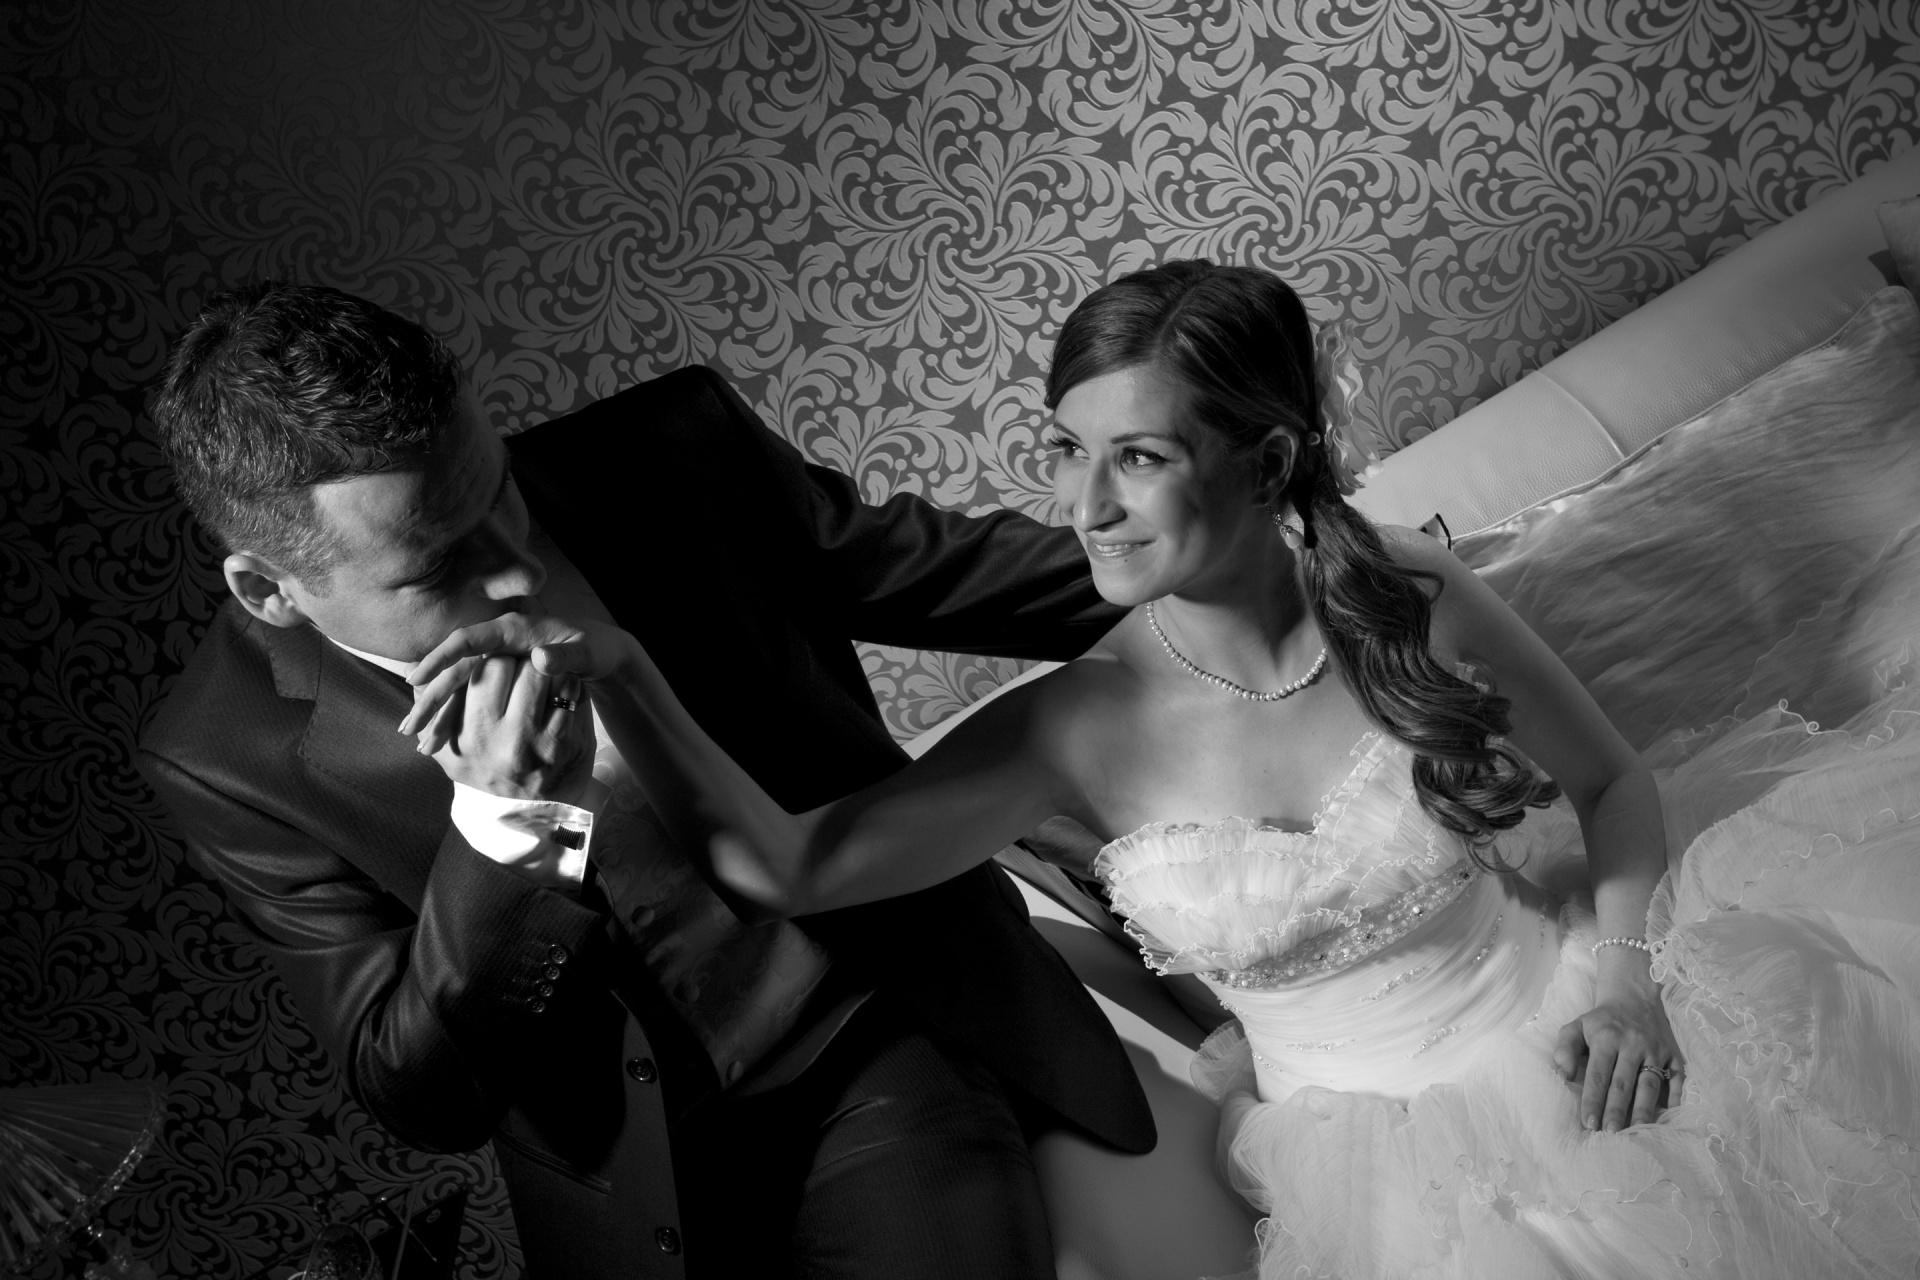 008-hochzeitsfotograf-wien-weddingphotography-vienna